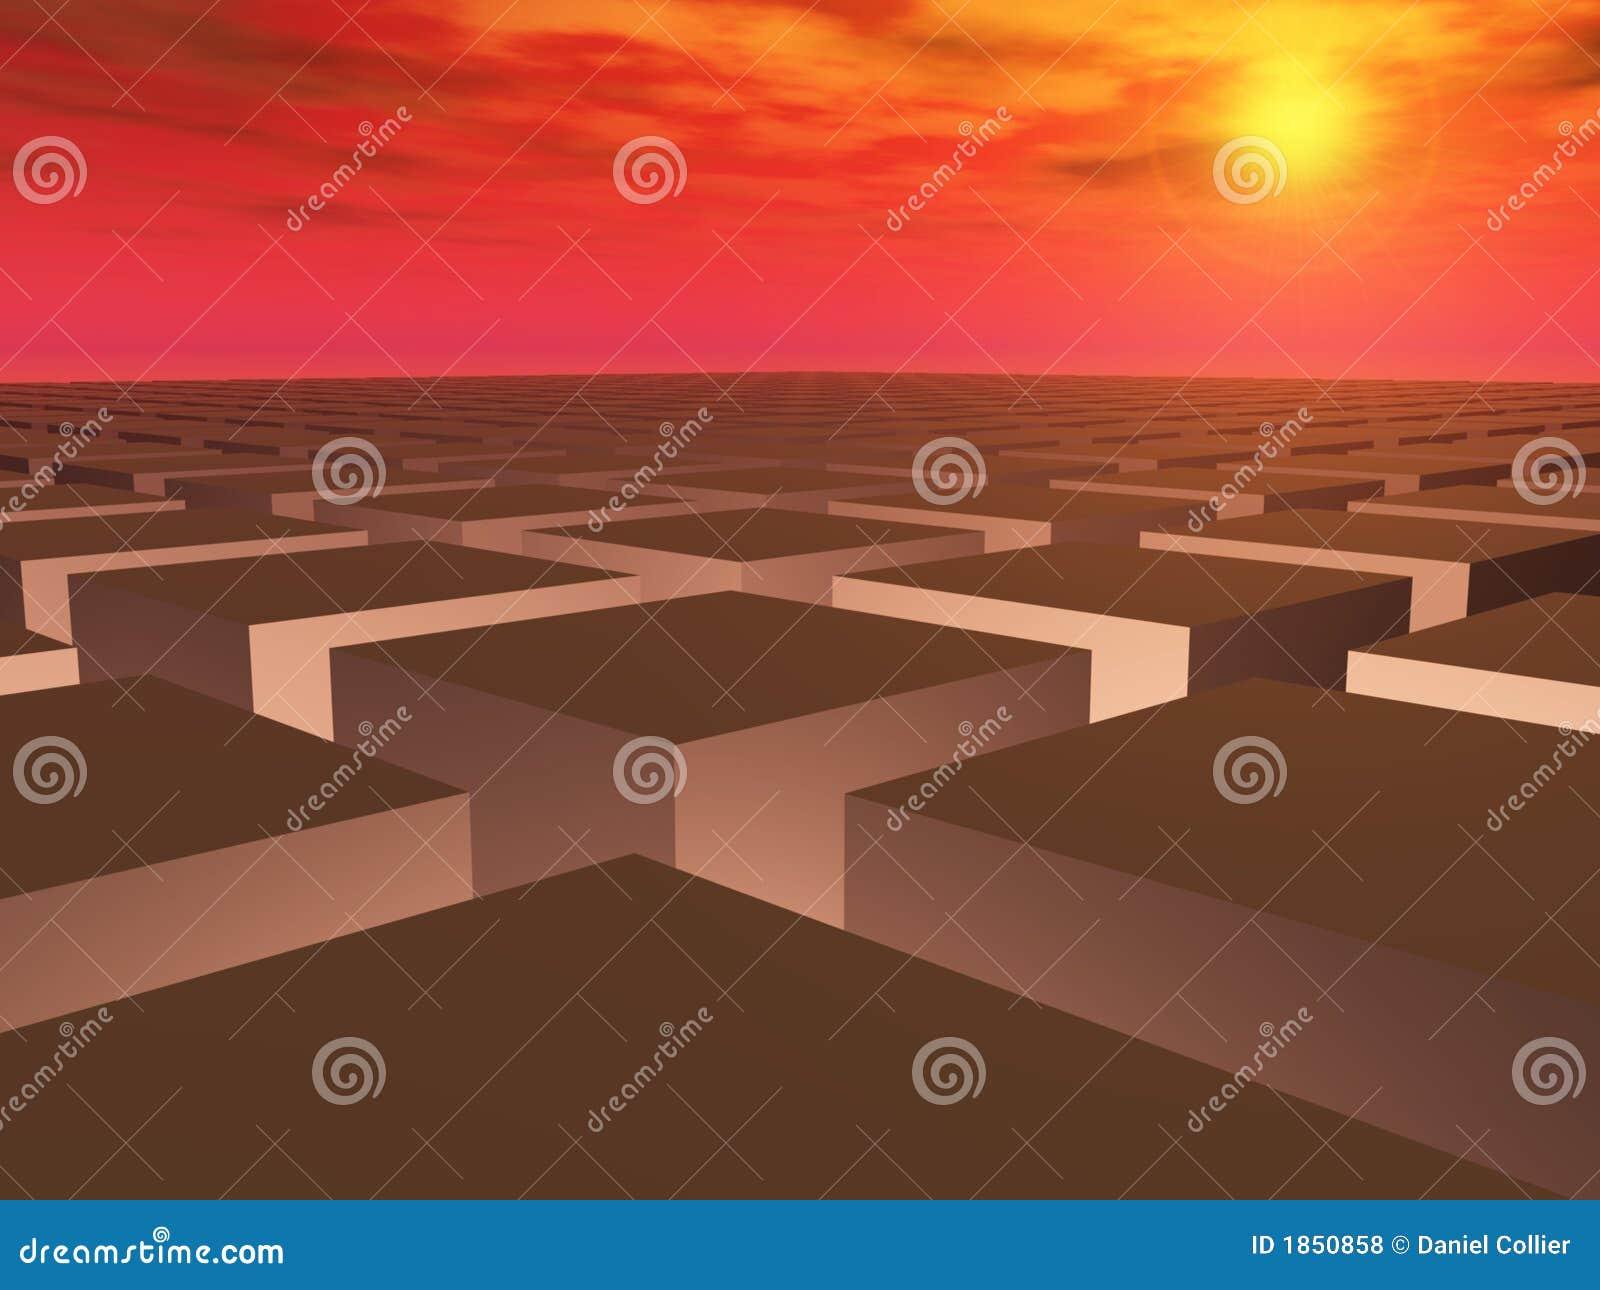 Siatka pola nad zachodem słońca